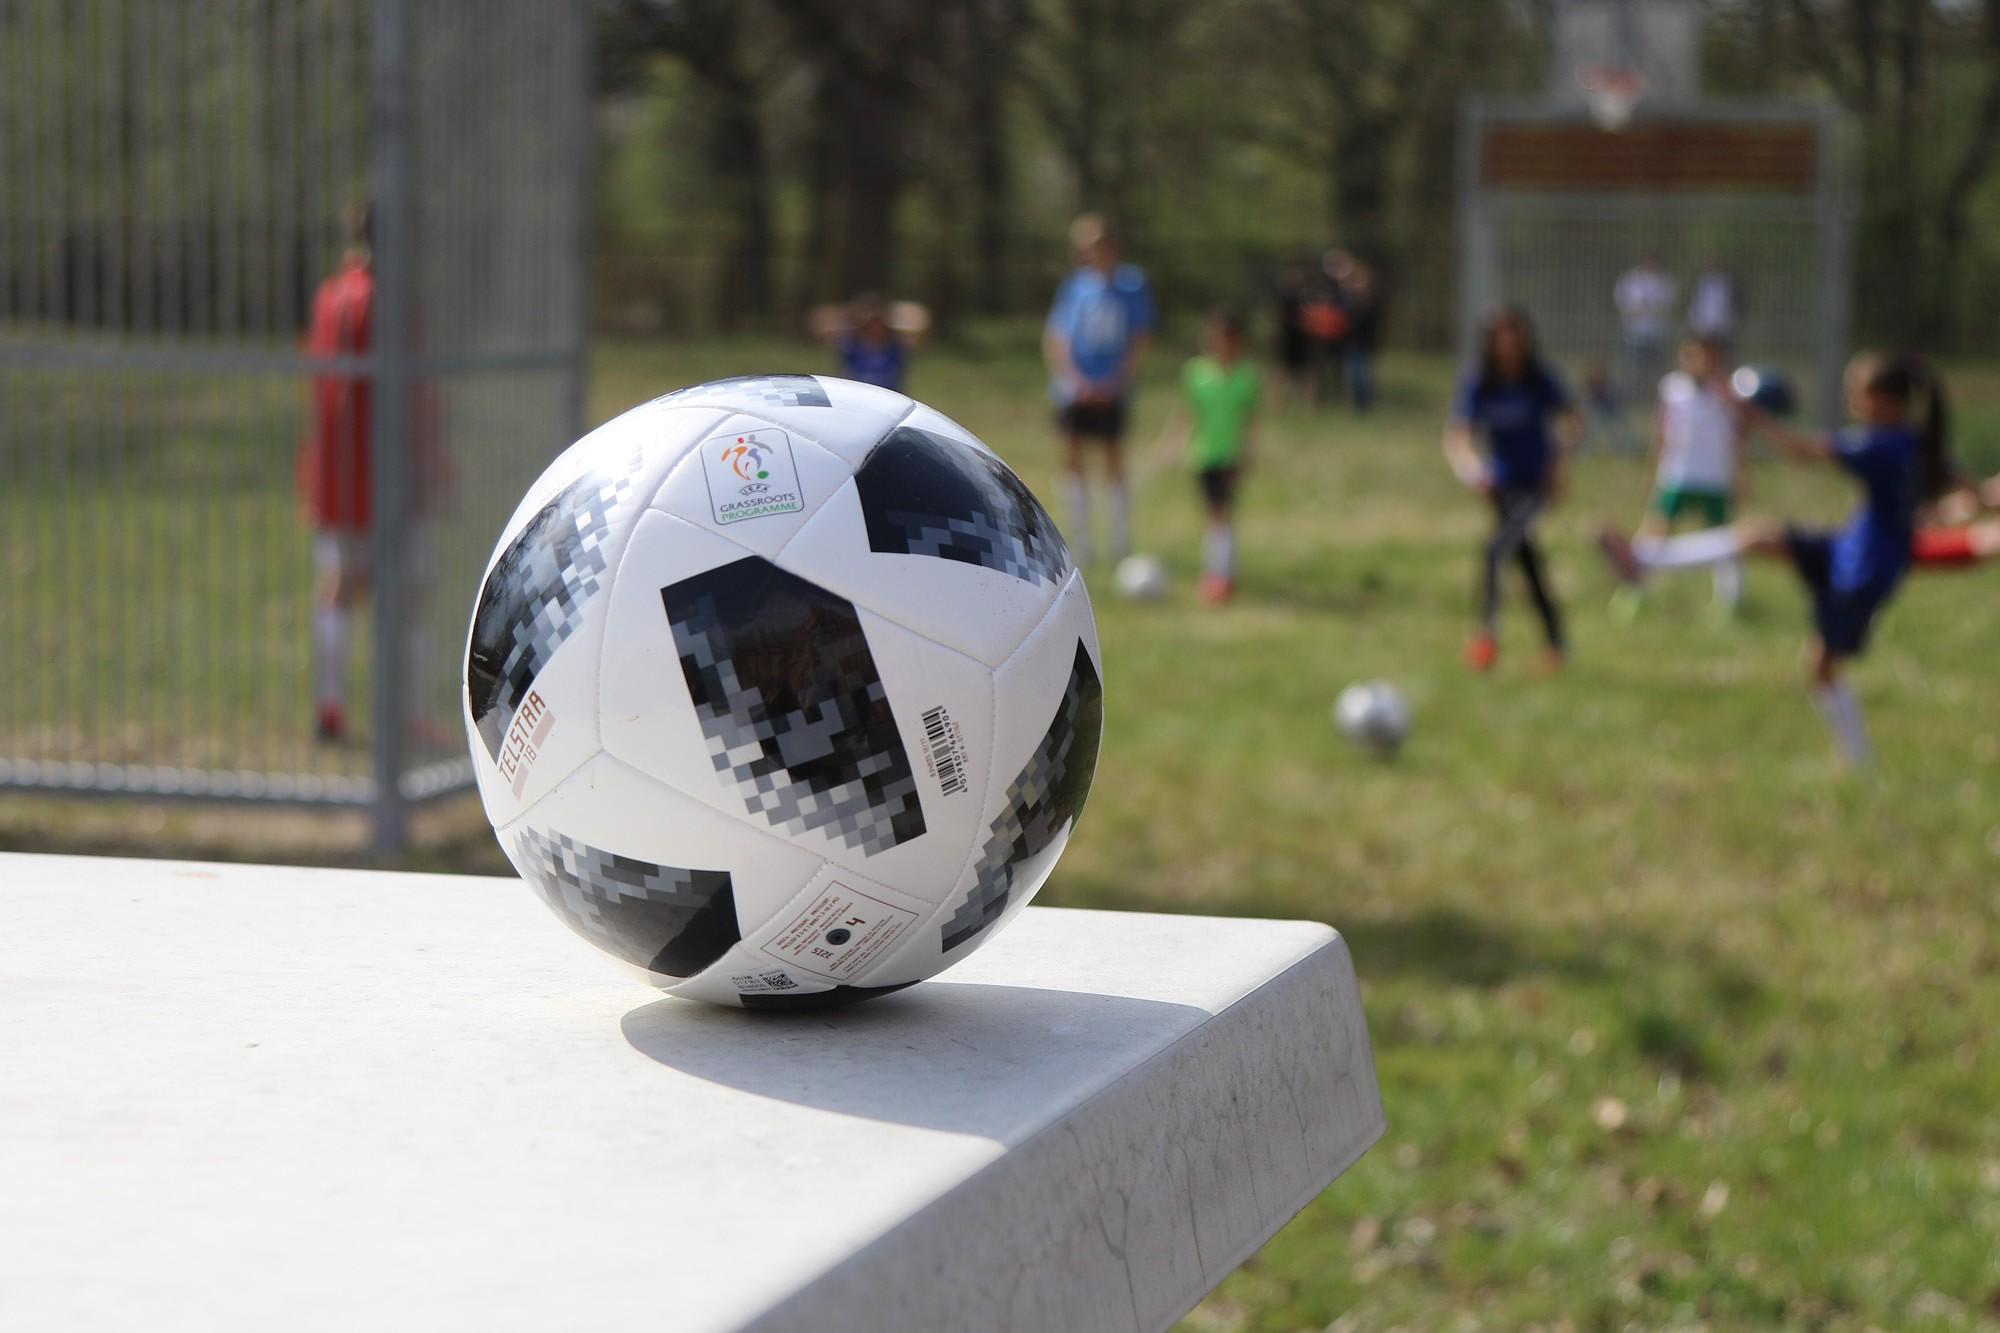 Liepājas bērnu namam uzdāvina futbola vārtus, bumbas un bučus